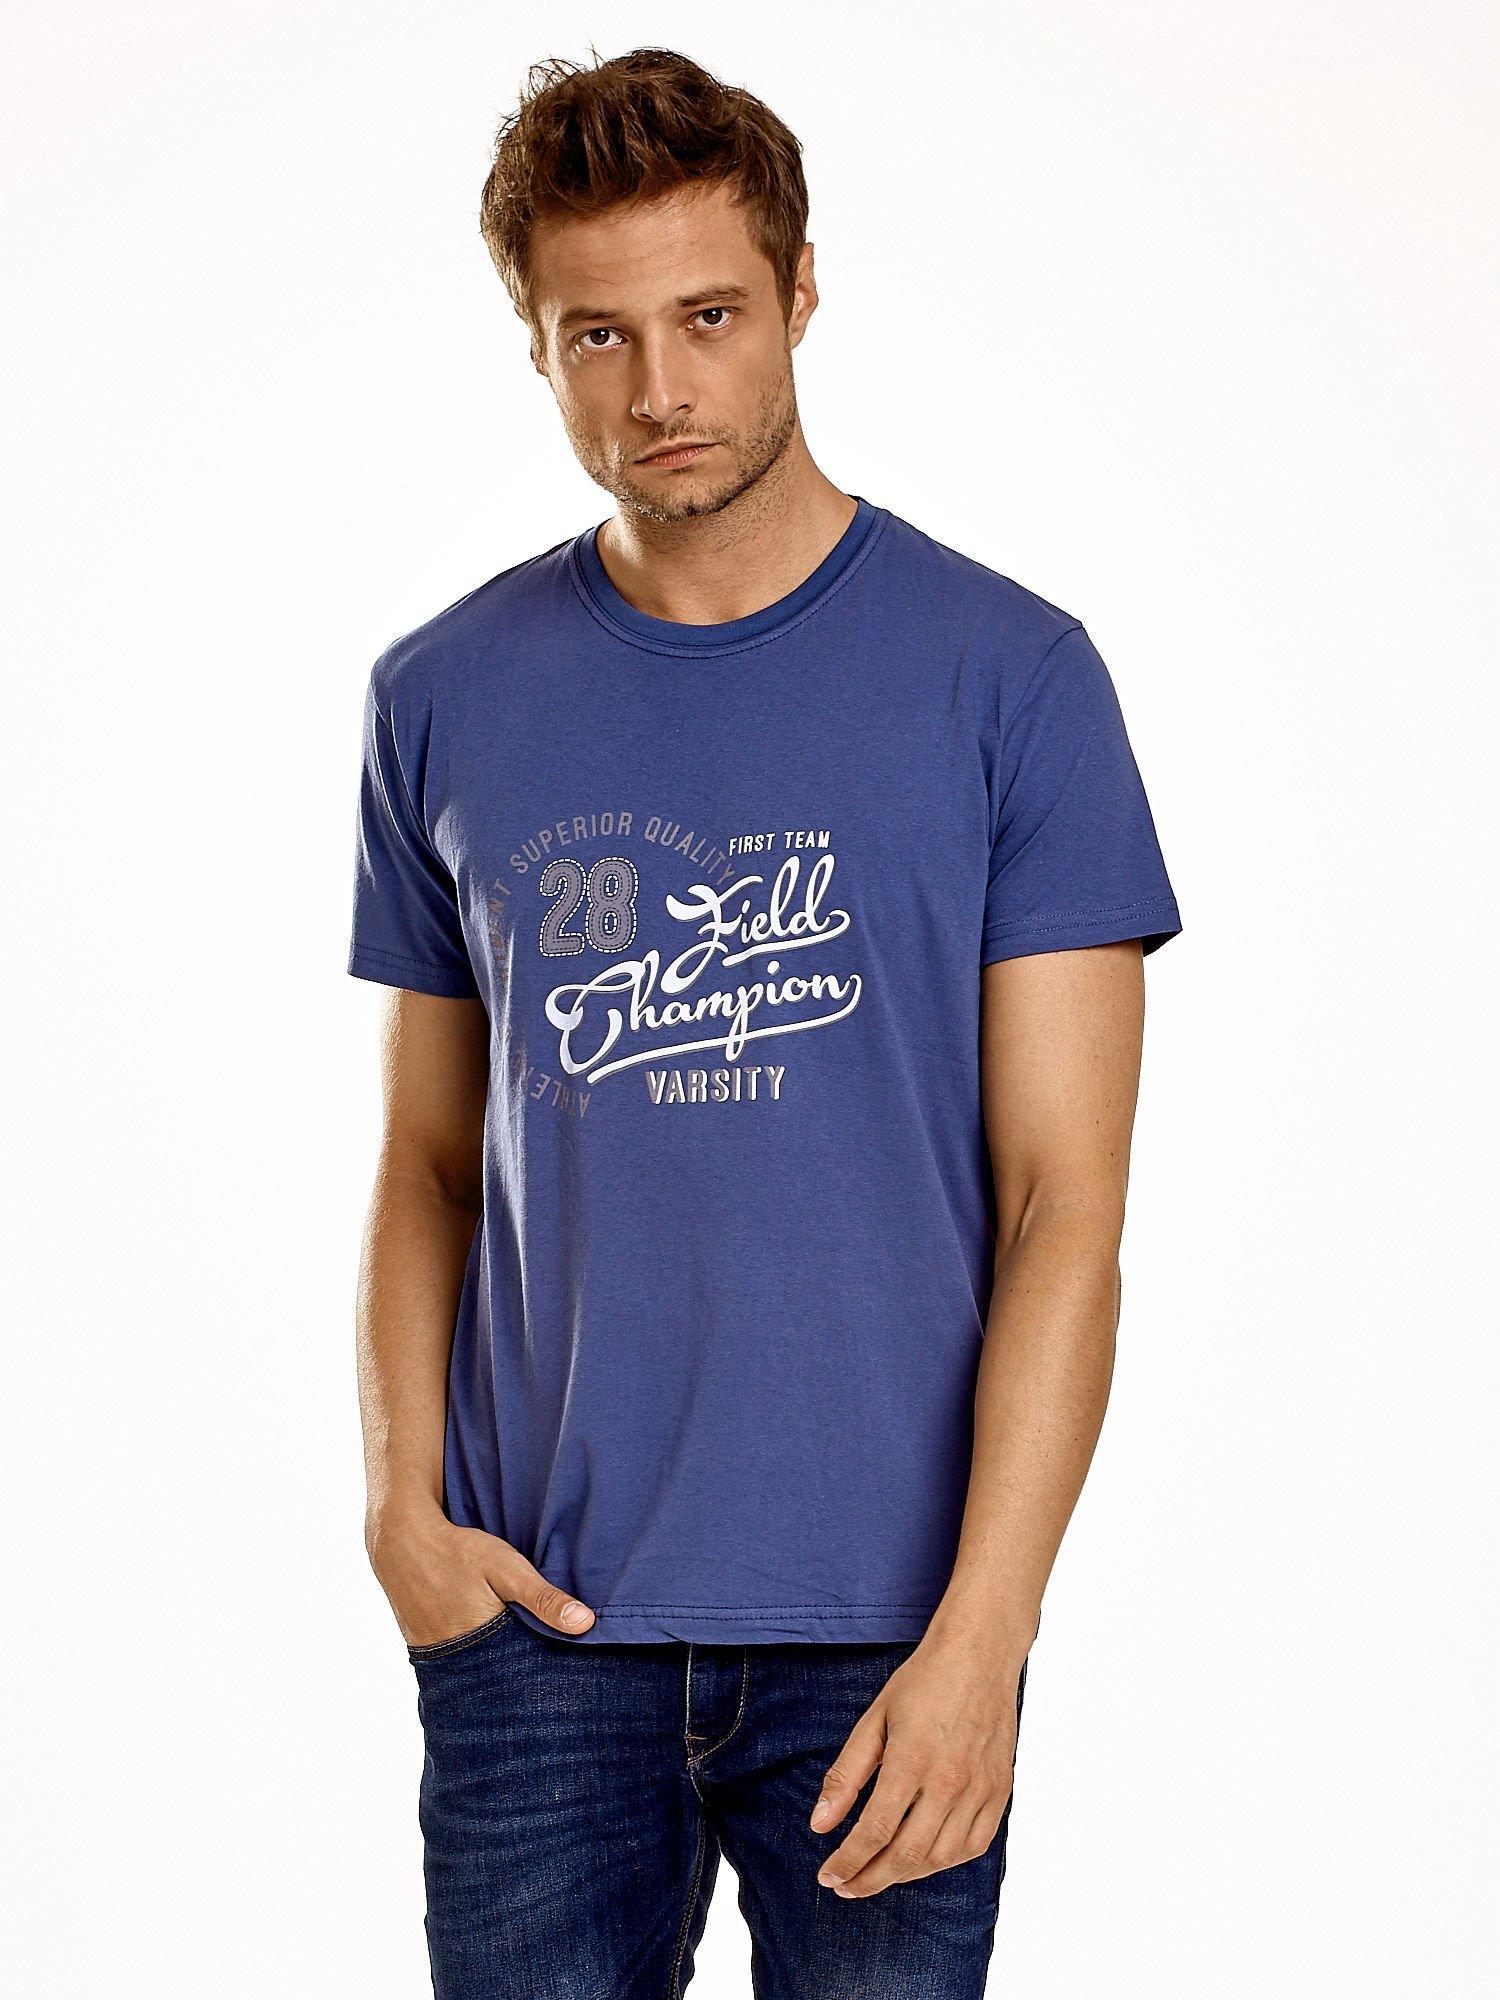 Ciemnoniebieski t-shirt męski z napisem CHAMPION i liczbą 28                                  zdj.                                  1